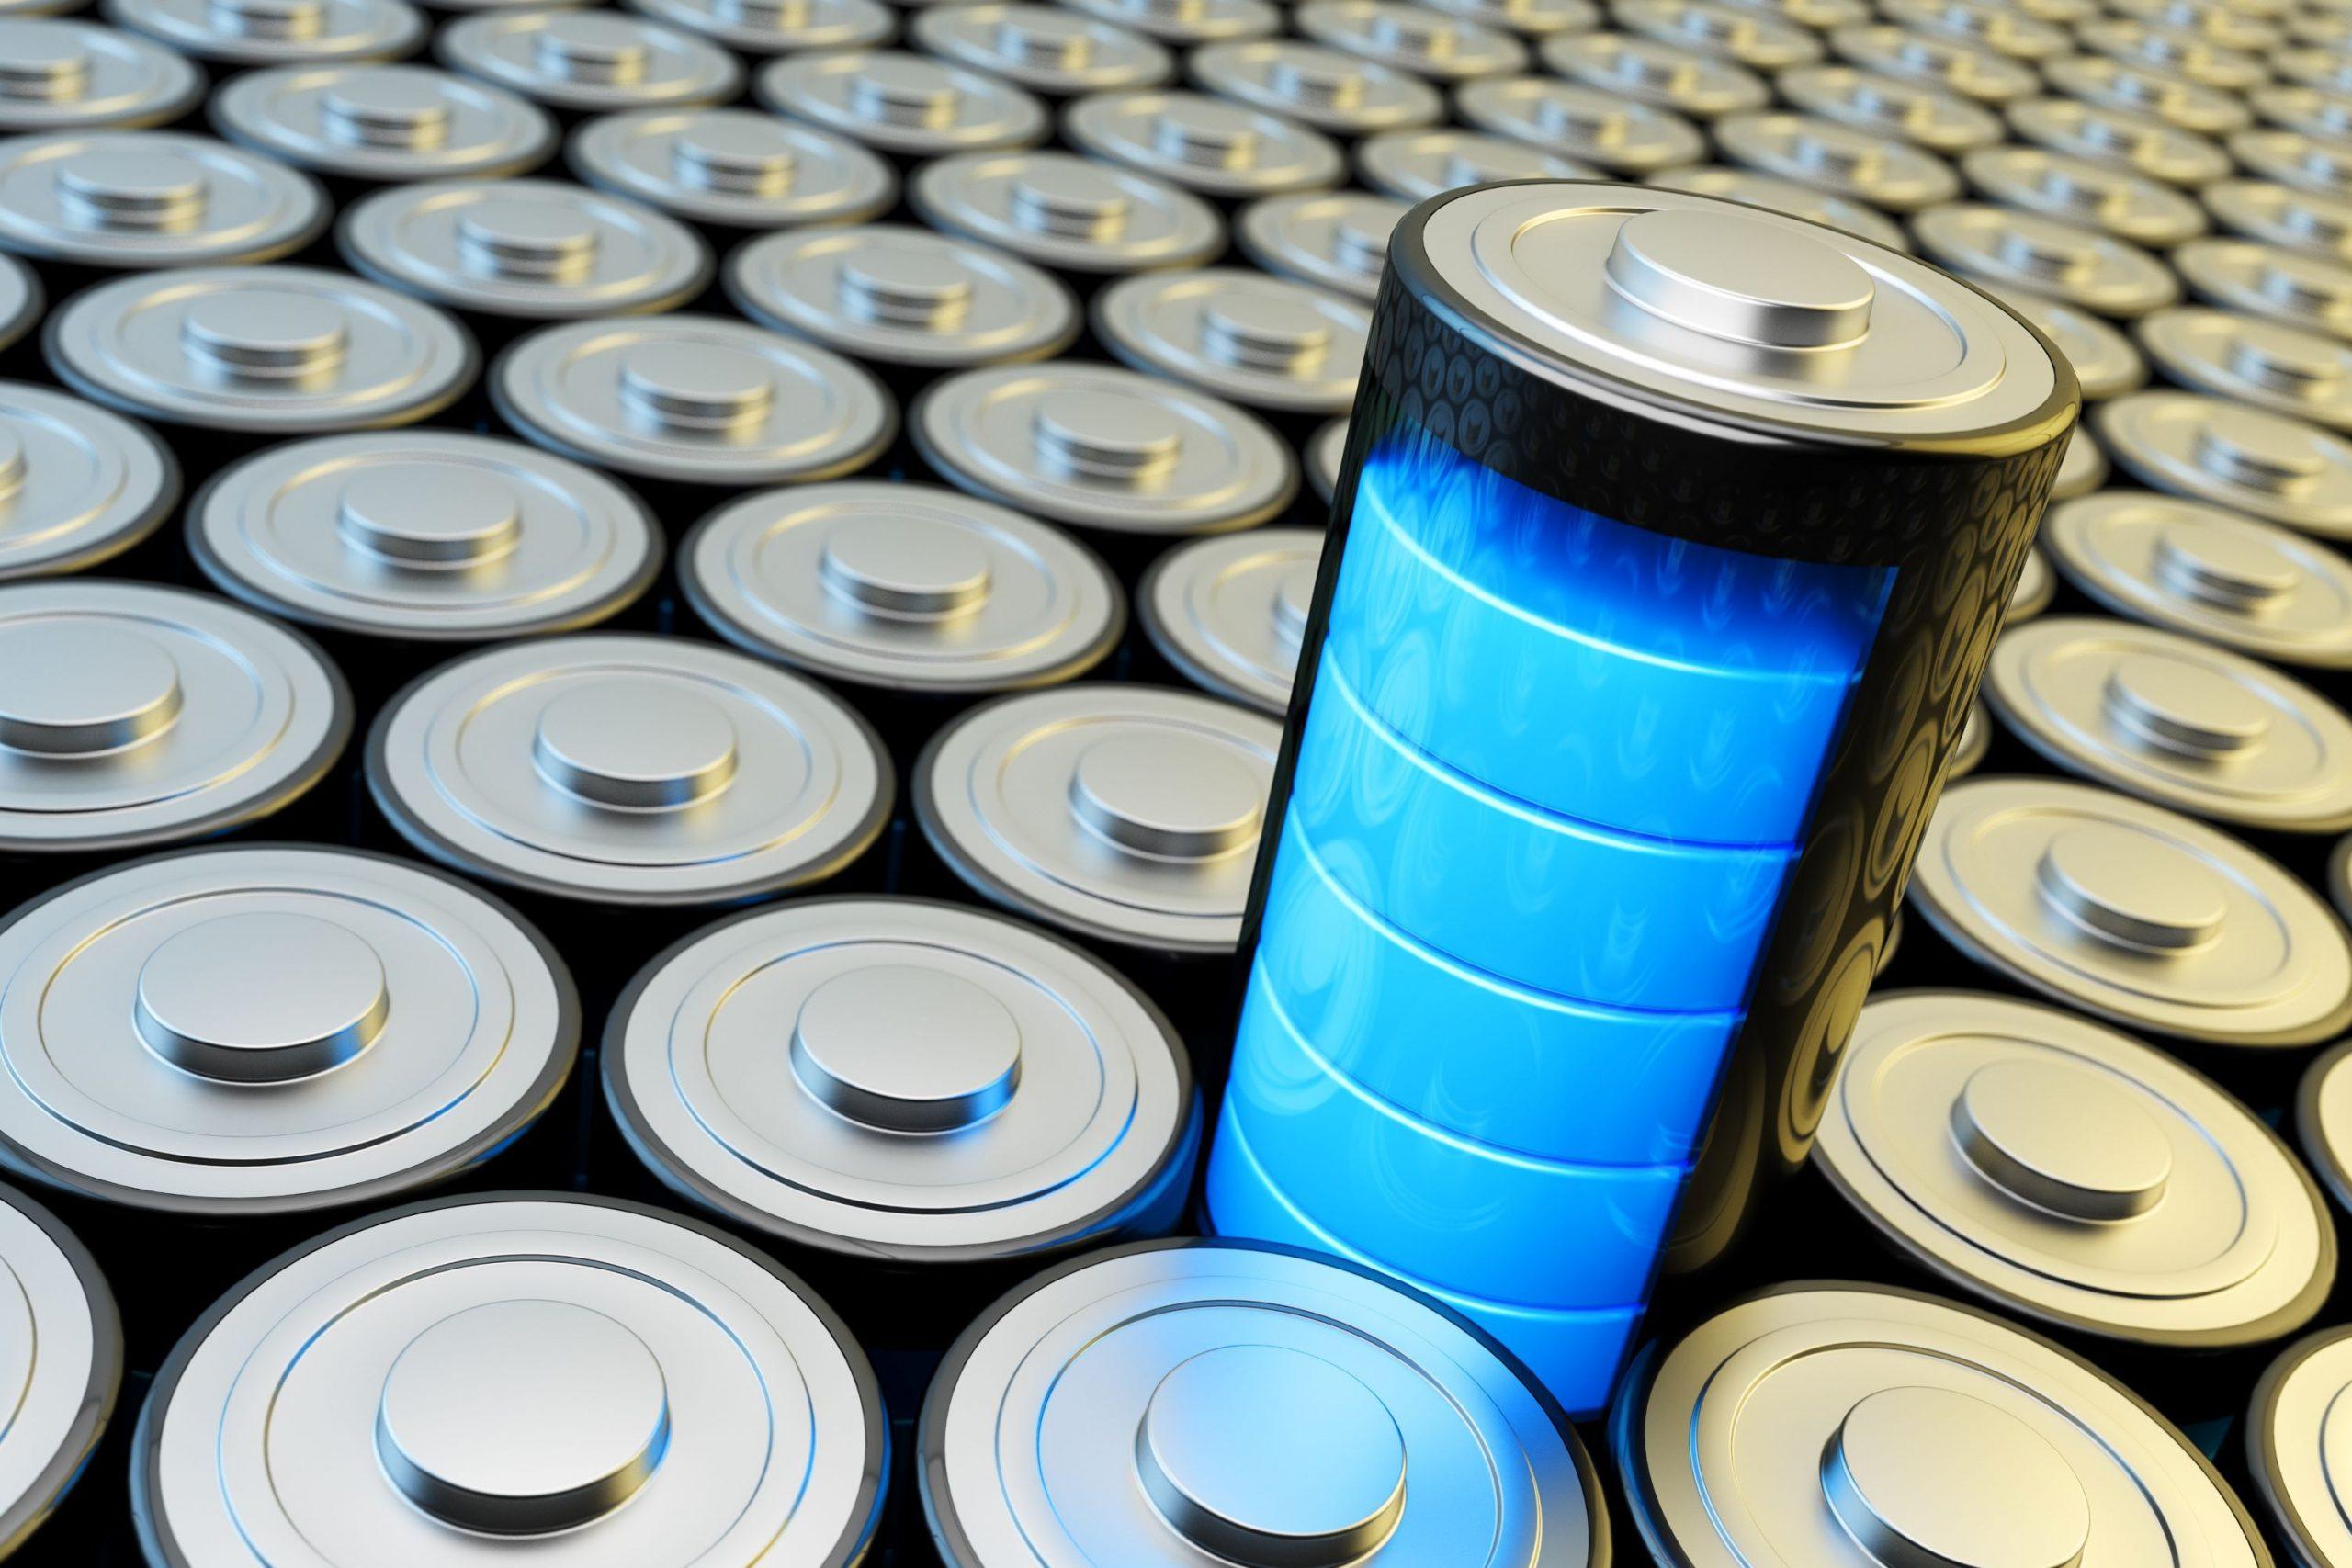 imagem ilustrativa de bateria no meio de outras